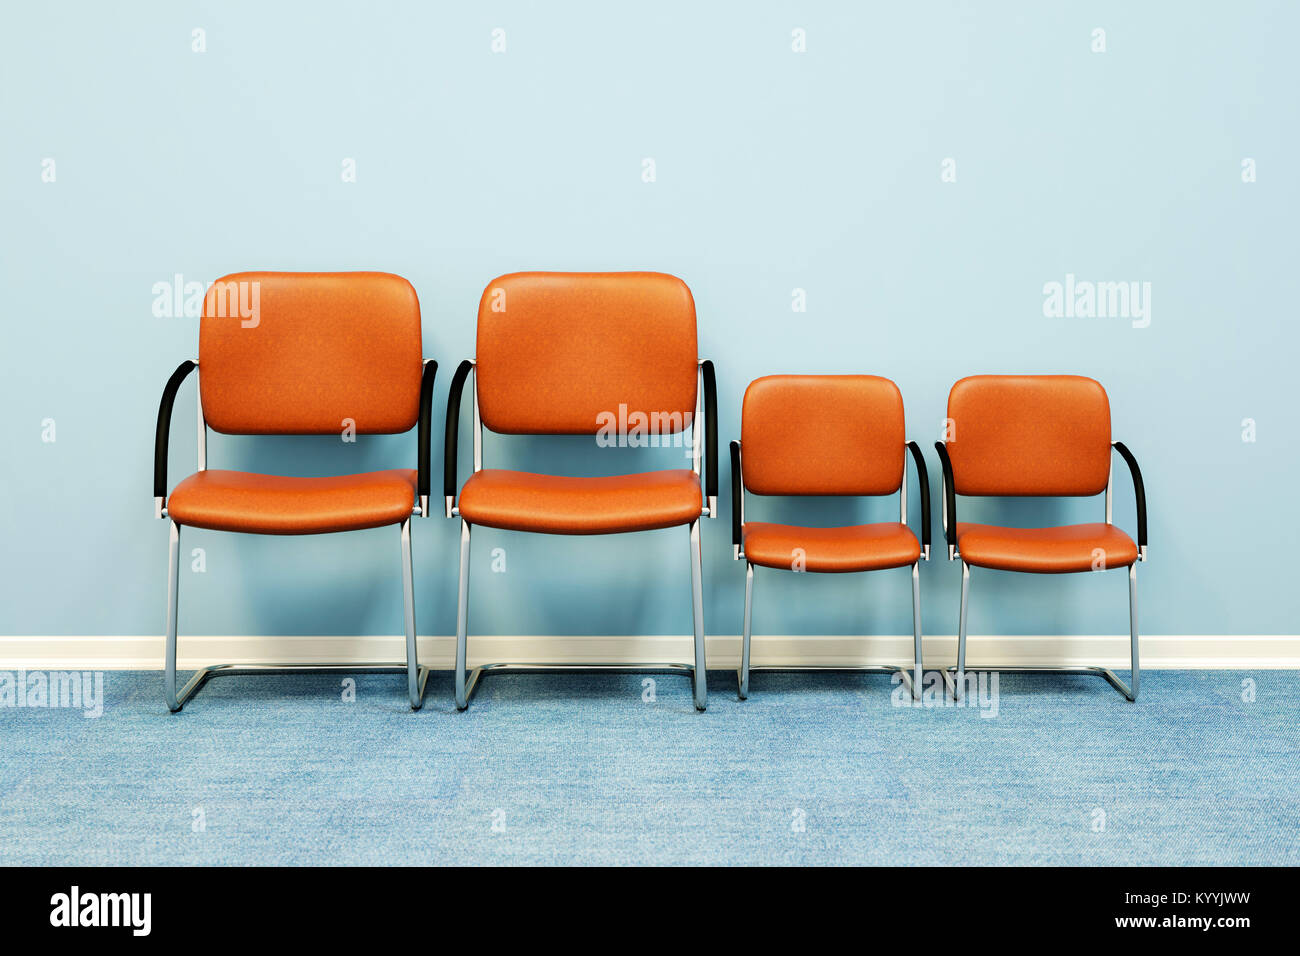 Zwei große und zwei kleine Stühle in einer Reihe gegen eine Wand in einem leeren Raum - Familie Konzept Stockbild